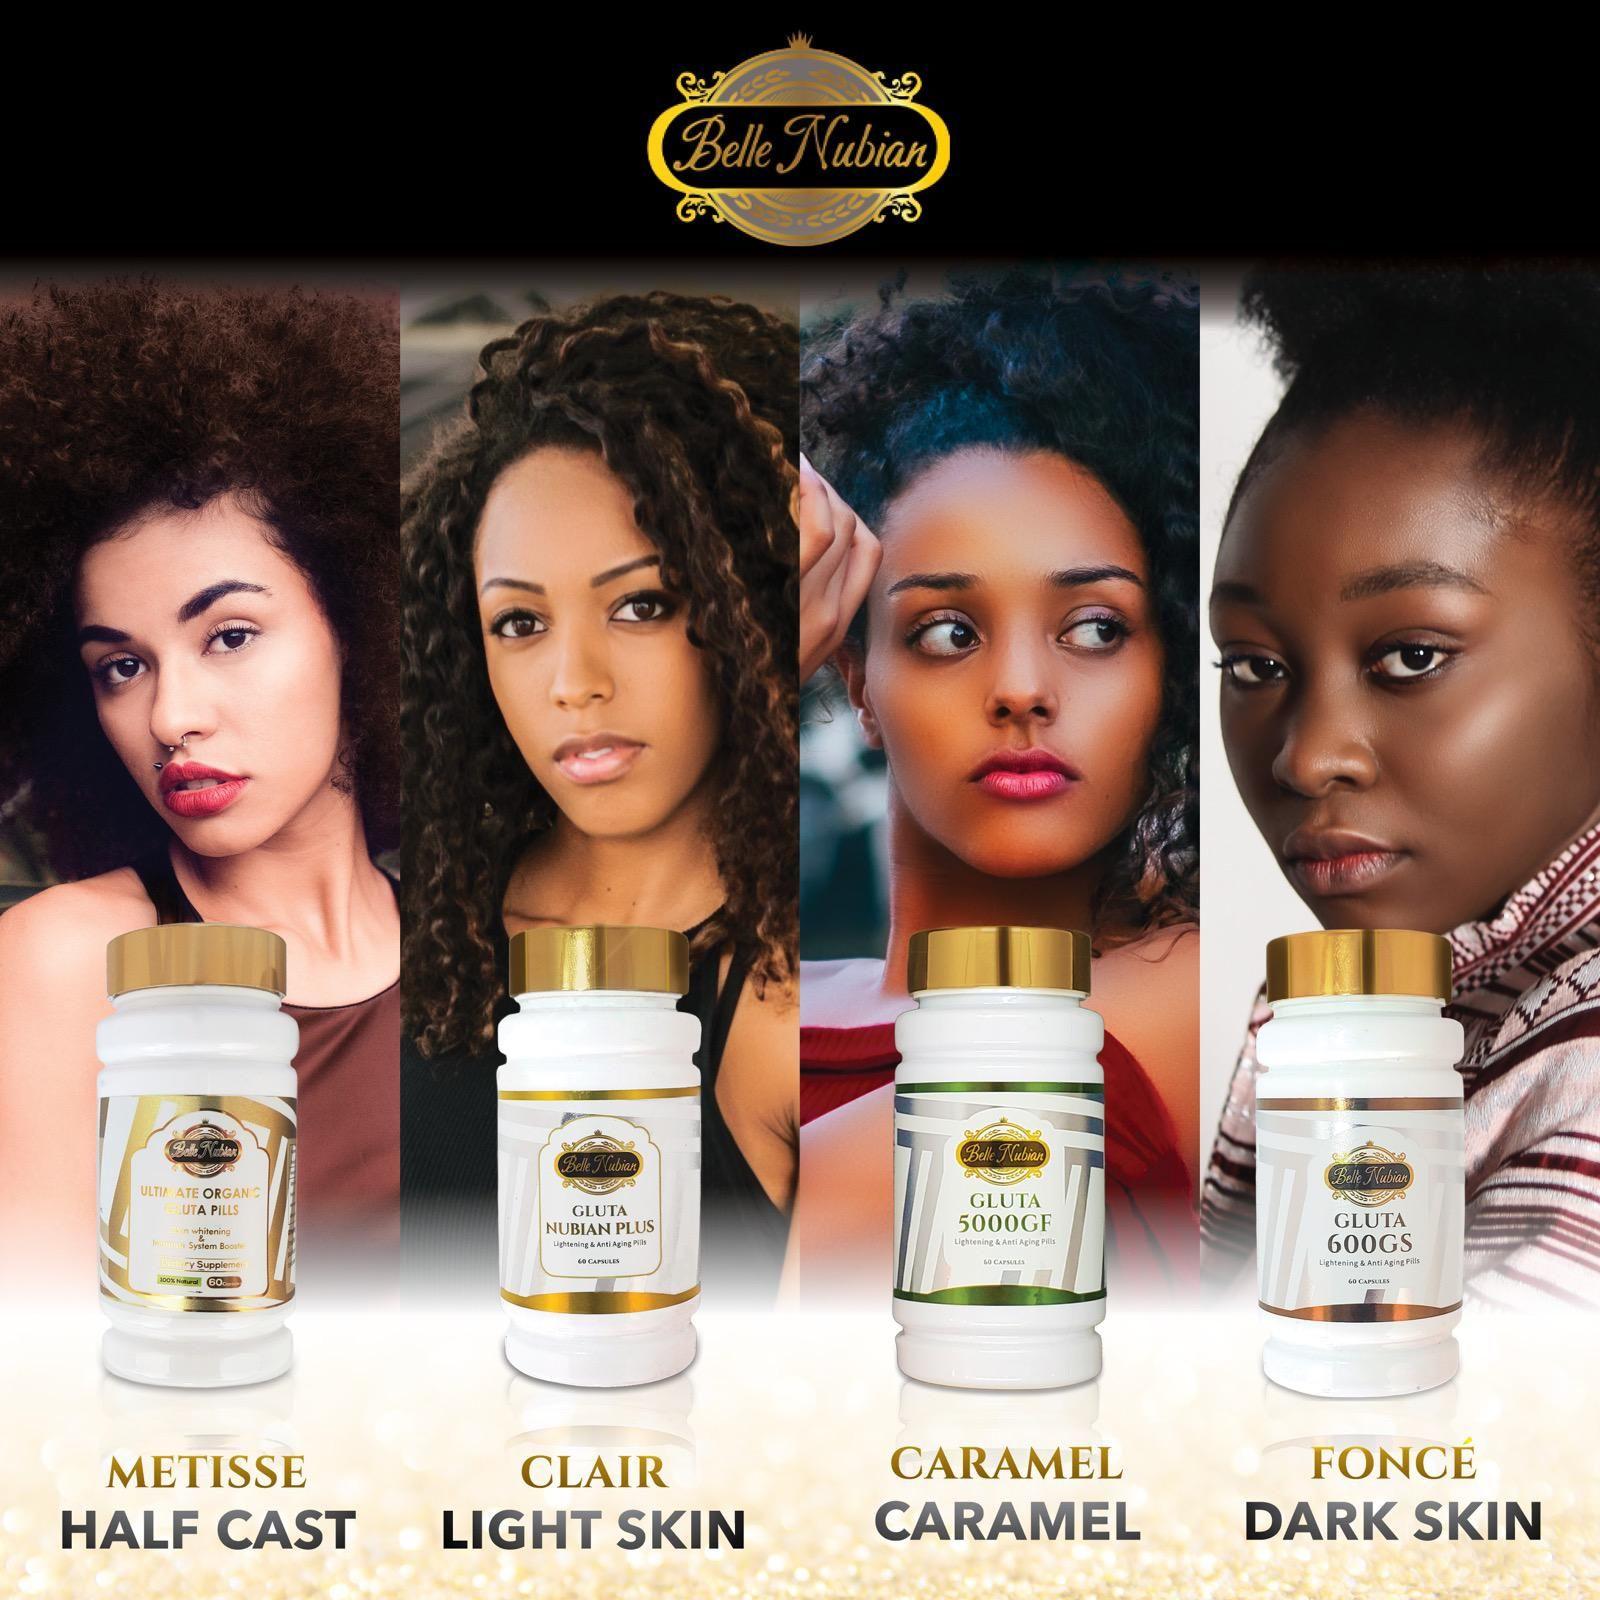 Choose Your Shade Caramel Skin Organic Skin Care Skin Brightening